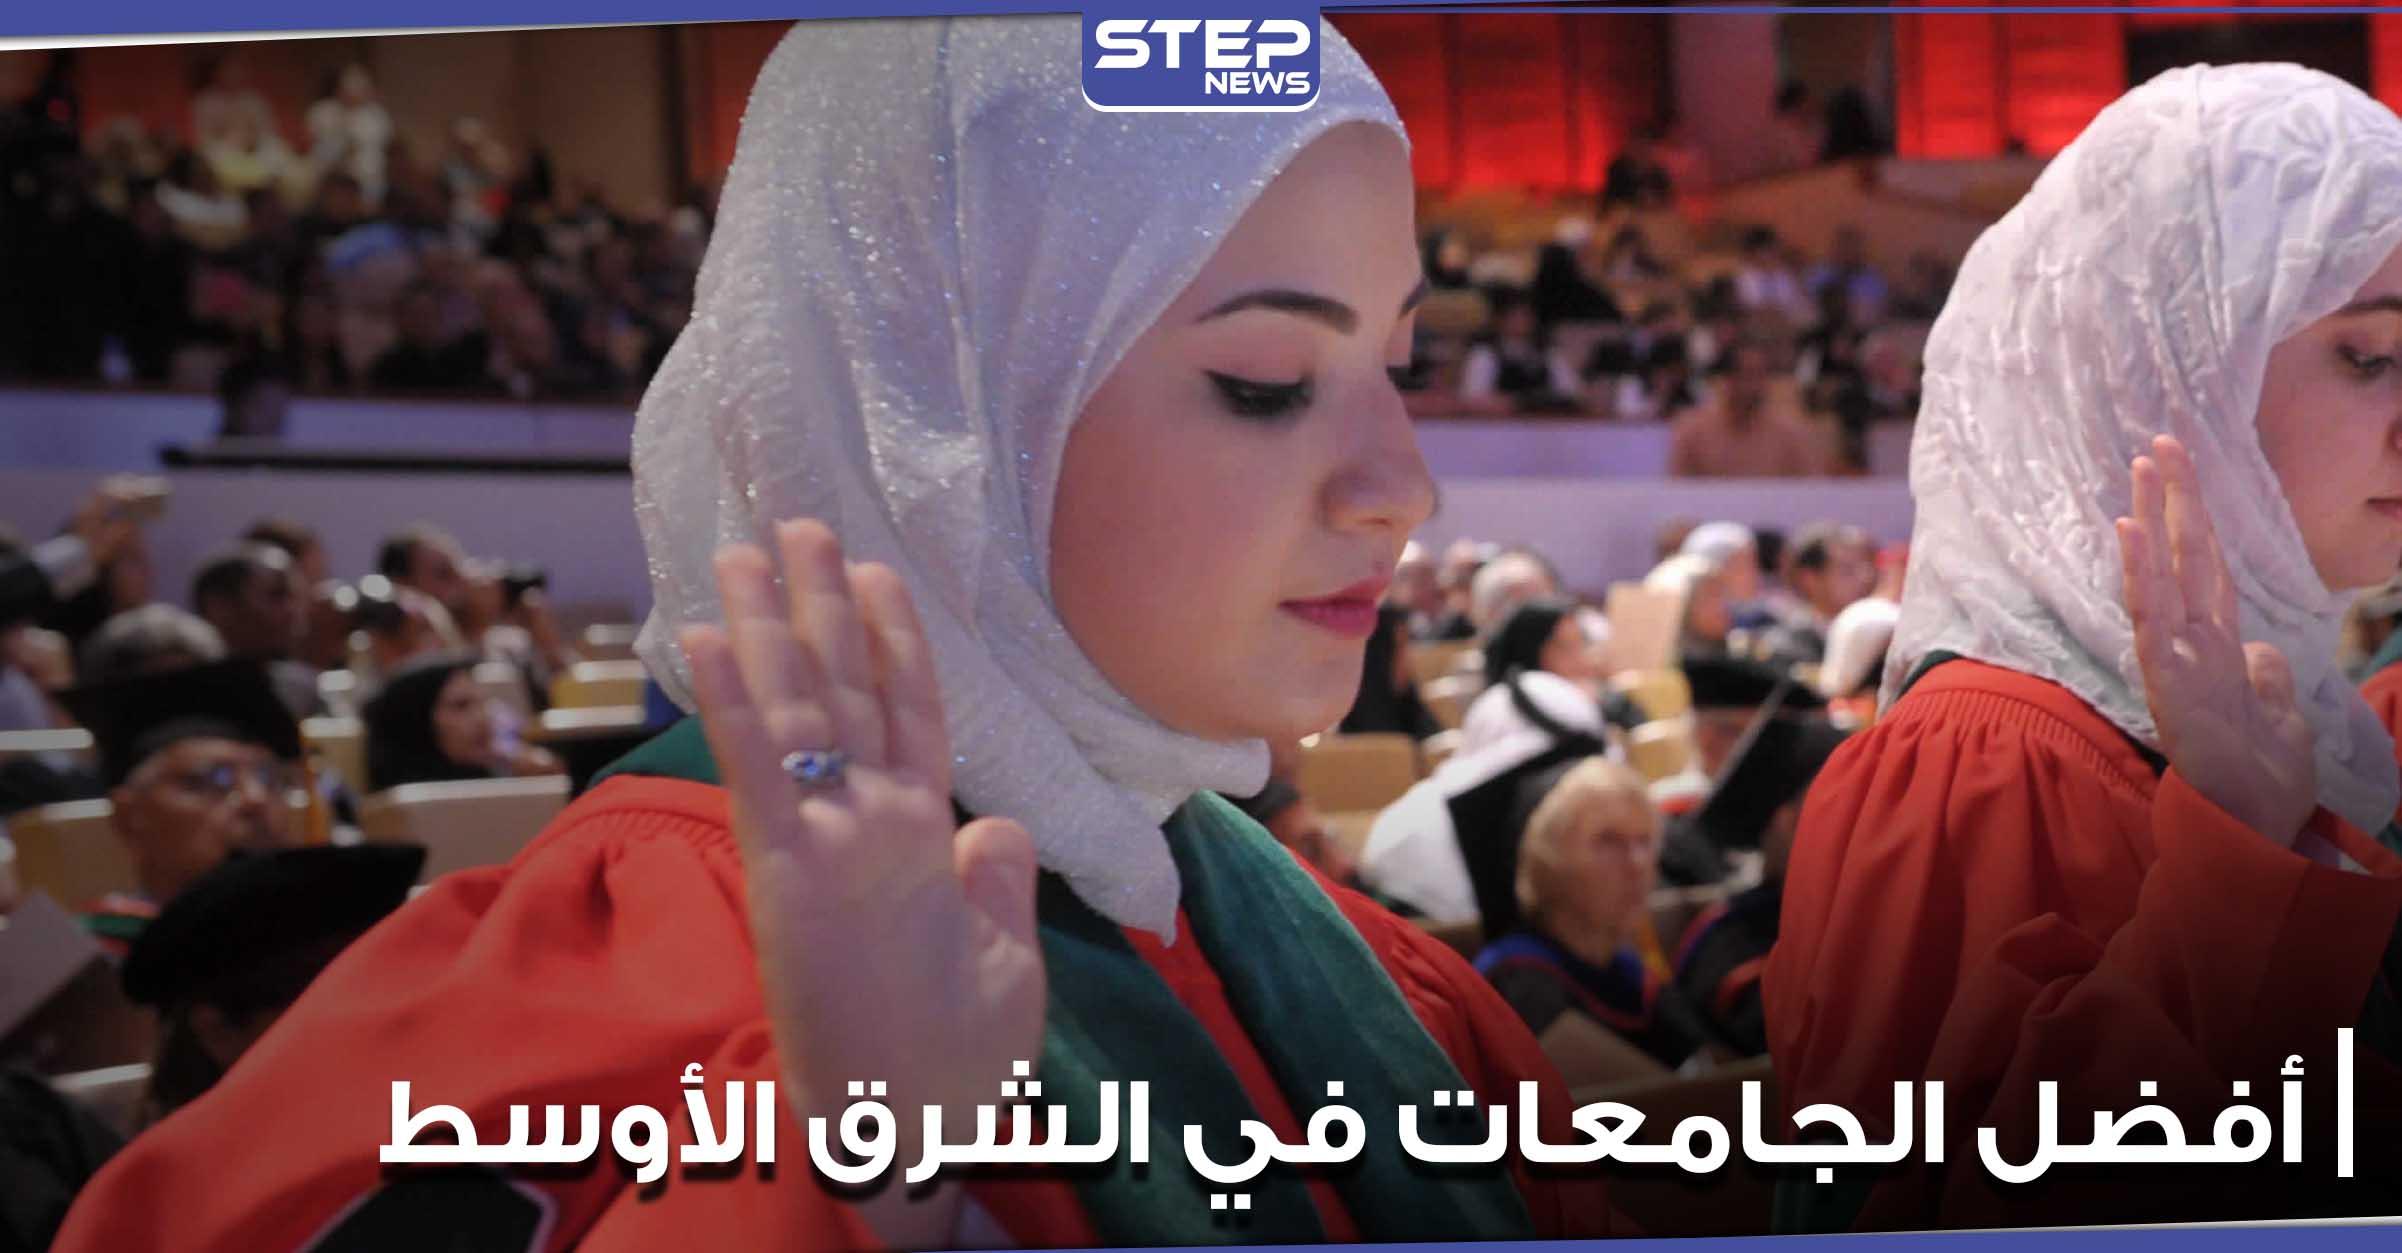 أفضل الجامعات في الشرق الأوسط